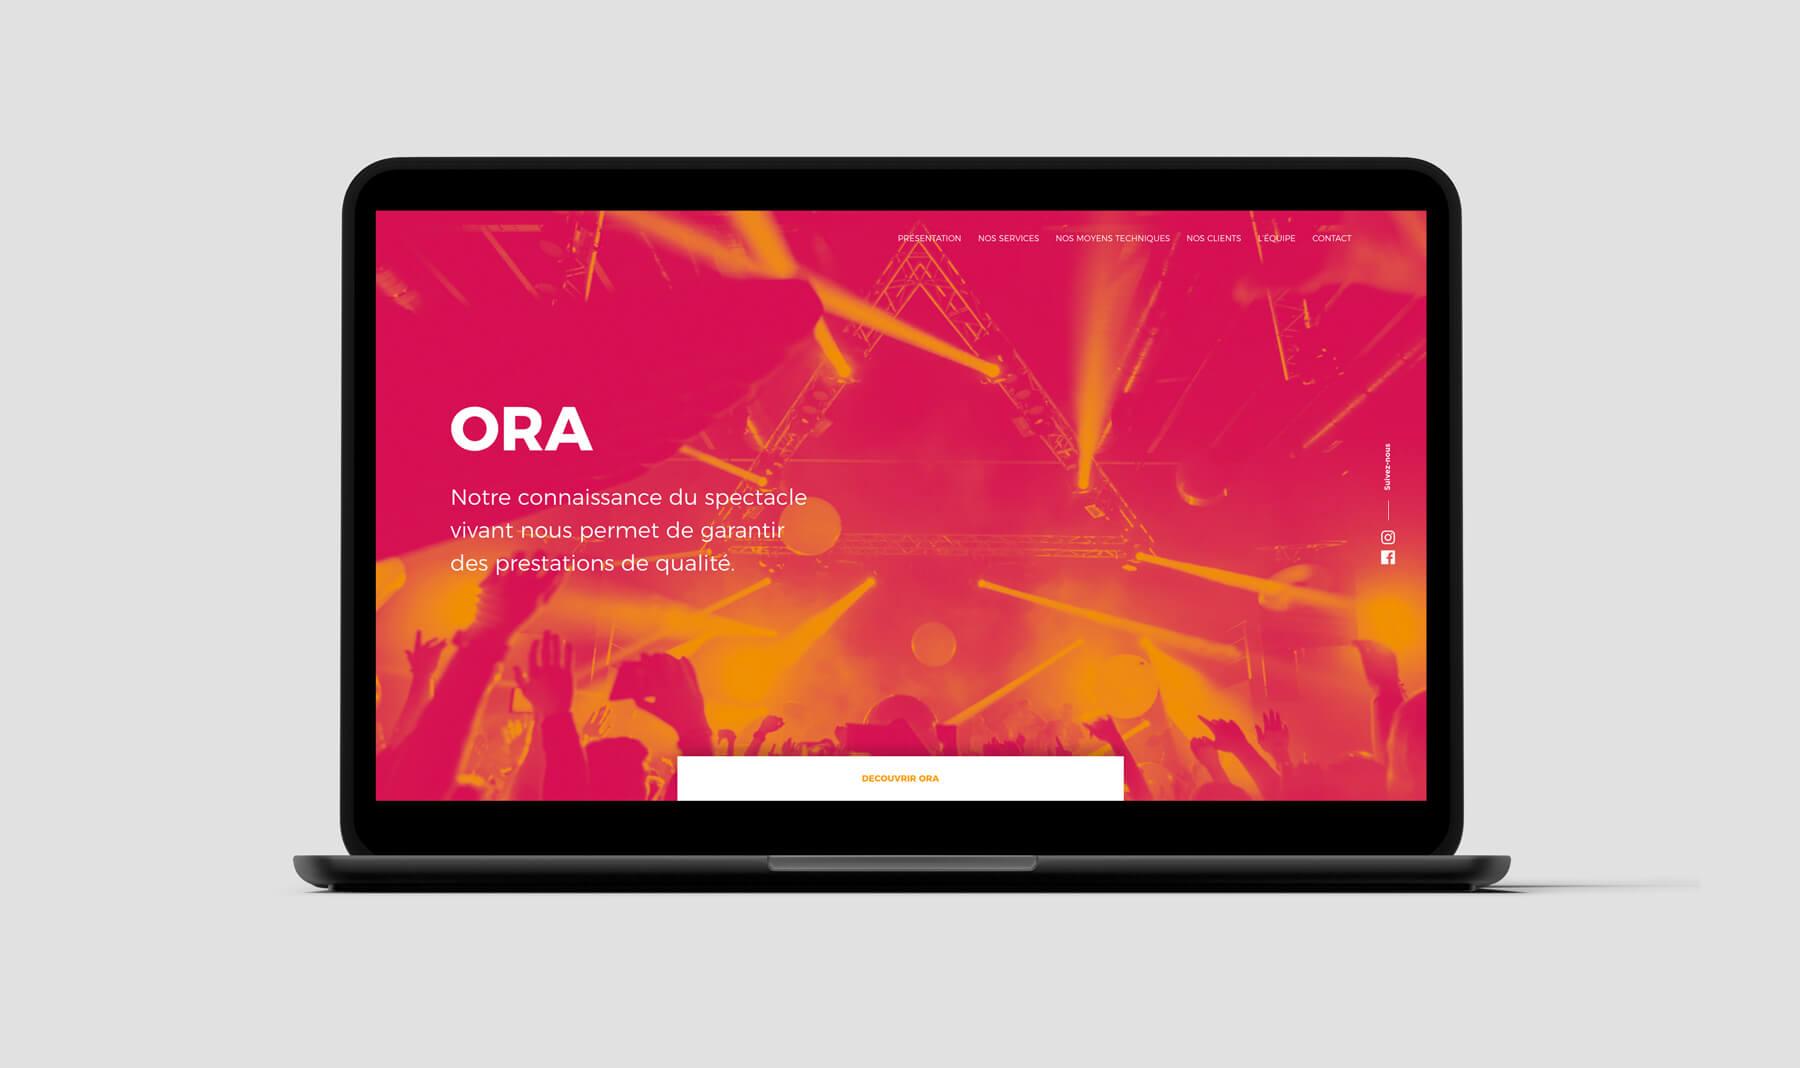 lezardscreation agence communication publicite vosges remiremont ora ora lezards creation site internet